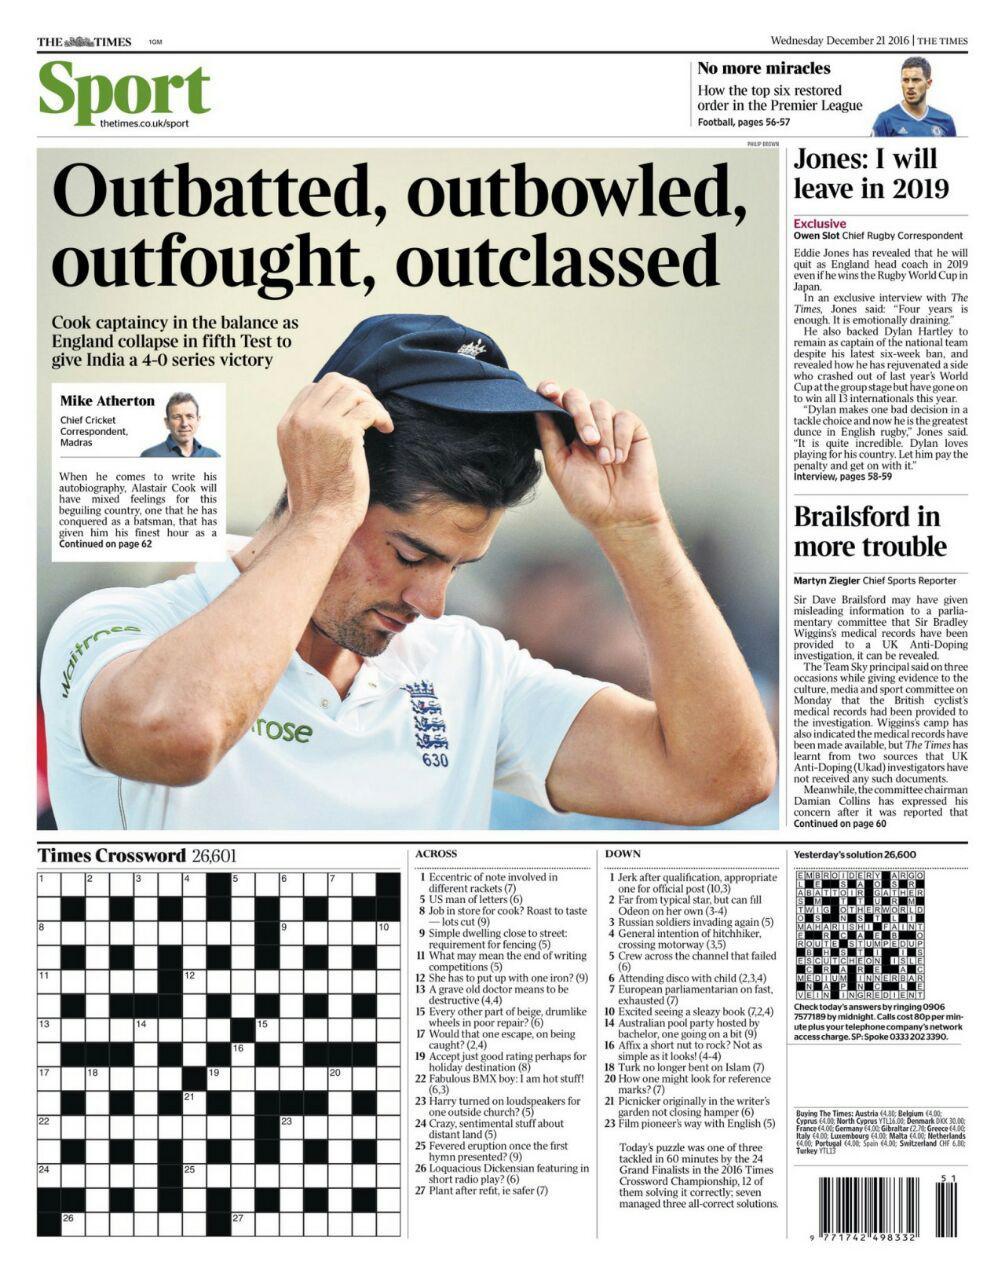 حمله با سلاح سرد به قهرمان تنیس جهان / پیشنهاد عجیب سران منچستر یونایتد به خوزه مورینیو